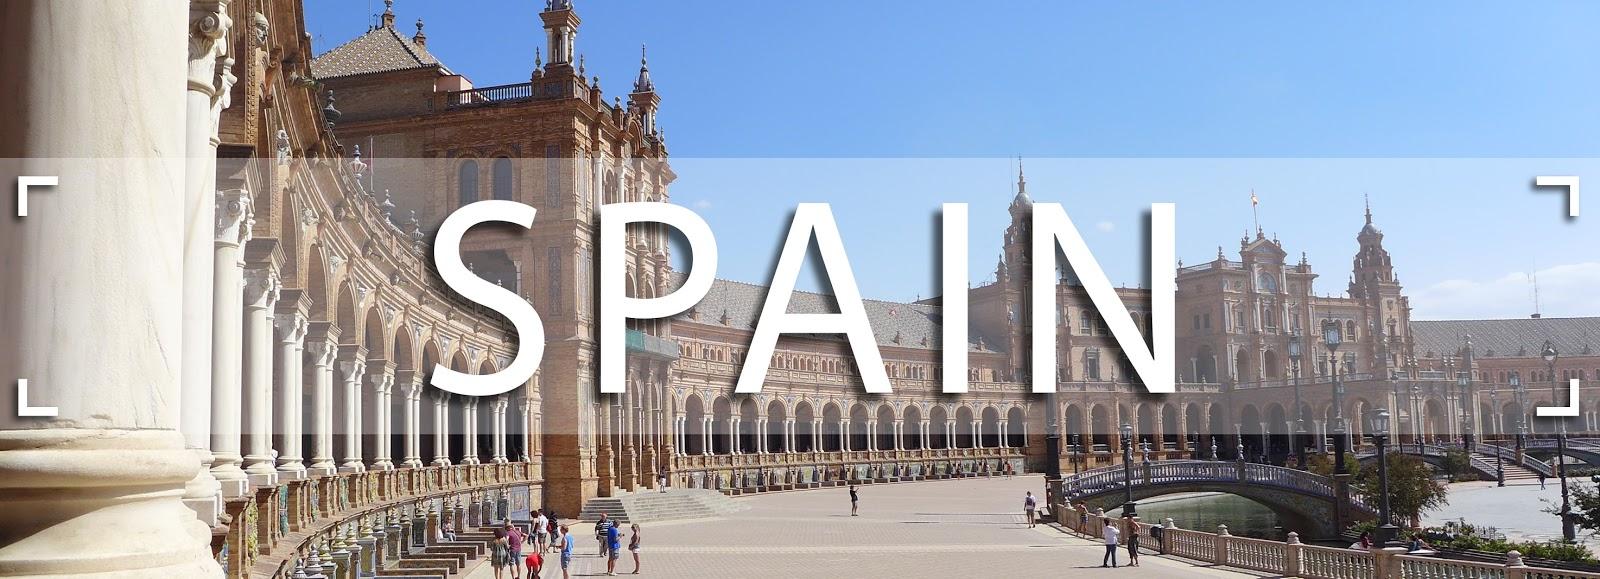 Destination: Spain